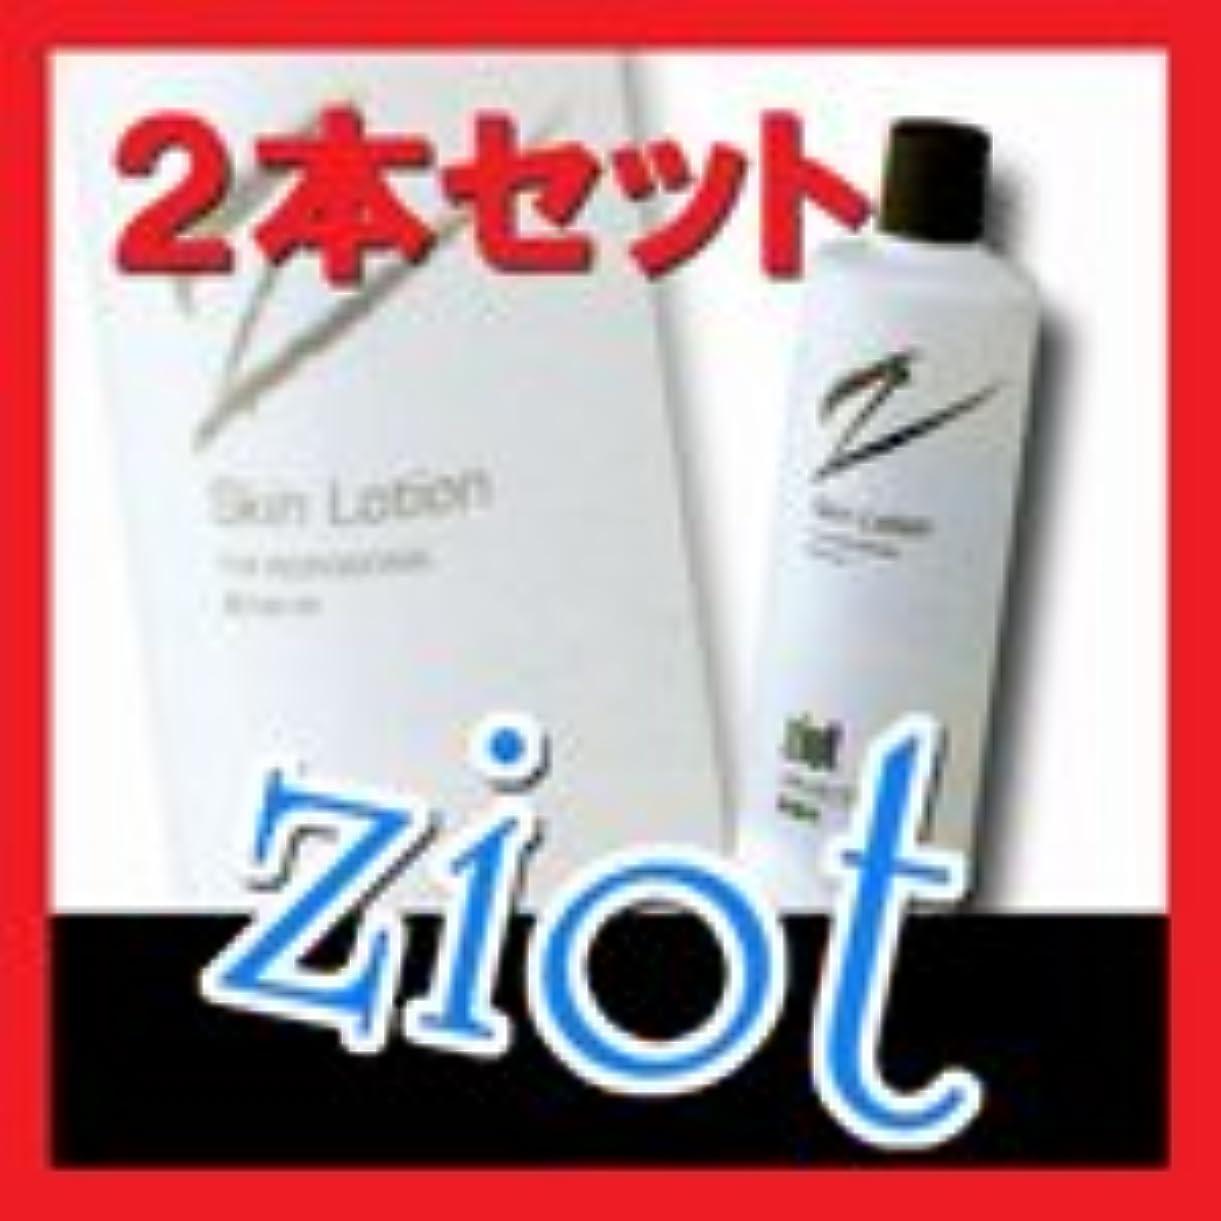 市場引用膿瘍クラシエ ZIOT ジオット スキンローション 500ml ×2本 詰替サイズ